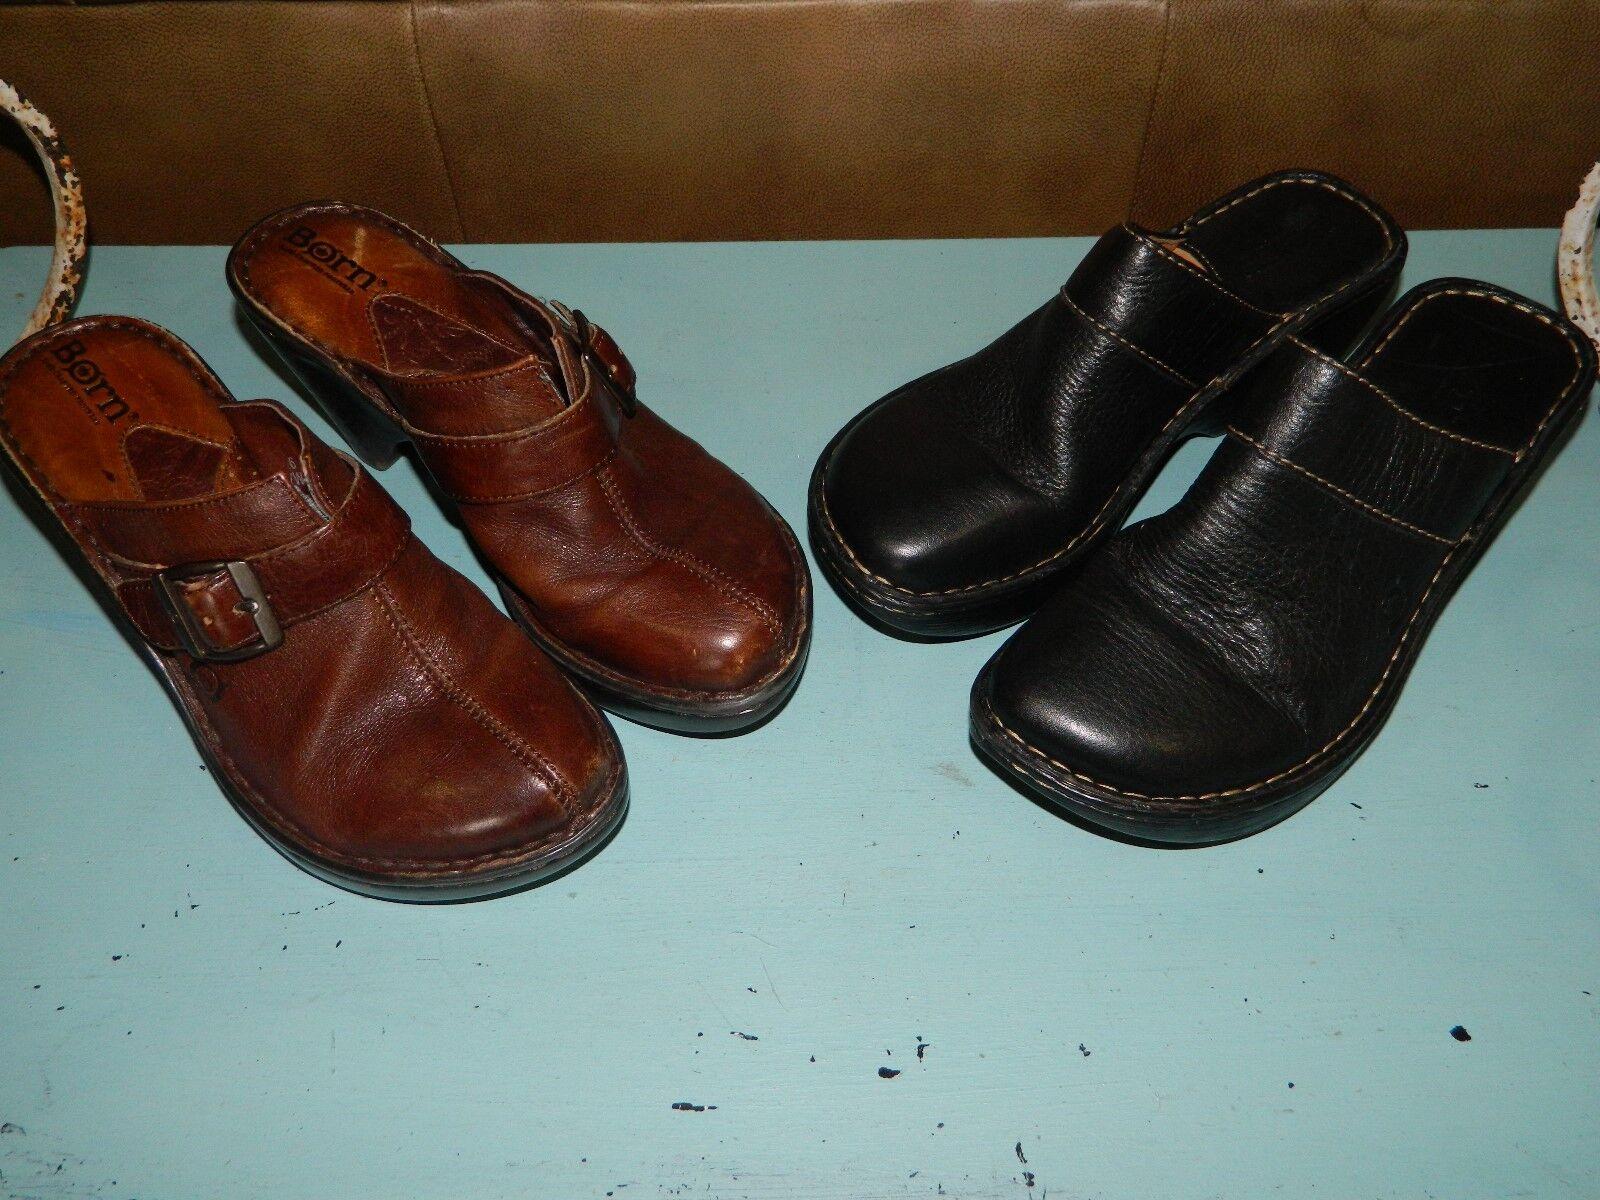 Nacido Para Mujer Zuecos Mulas Slip Ons Ons Ons Marrón Negro de cuero zapatos talla 6 Lote de 2  mejor vendido